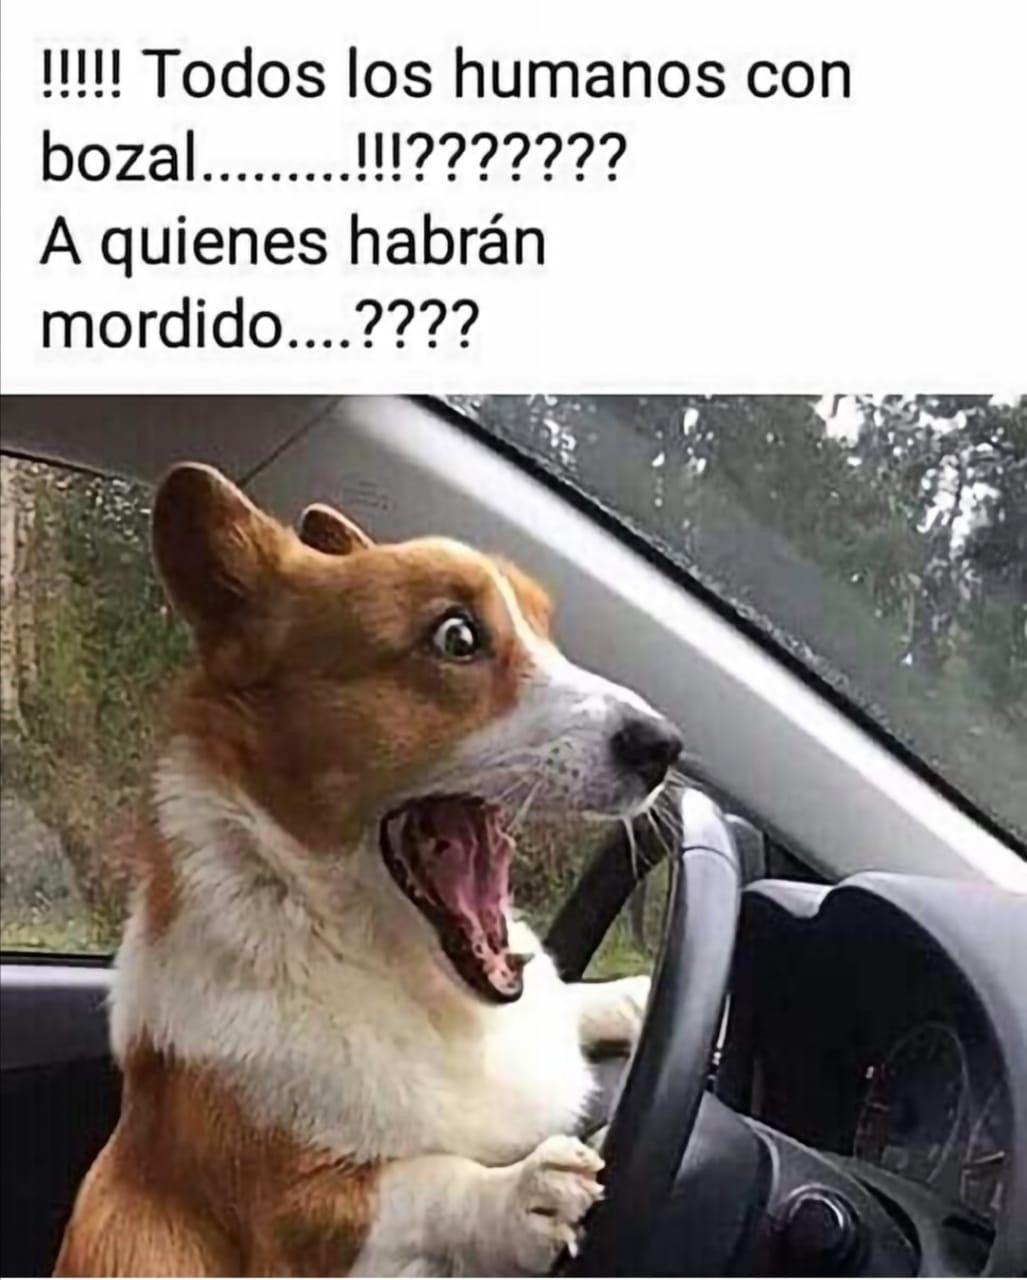 Pin De Julypaezc En Memes Humor Divertido Sobre Animales Memes Perros Memes Divertidos